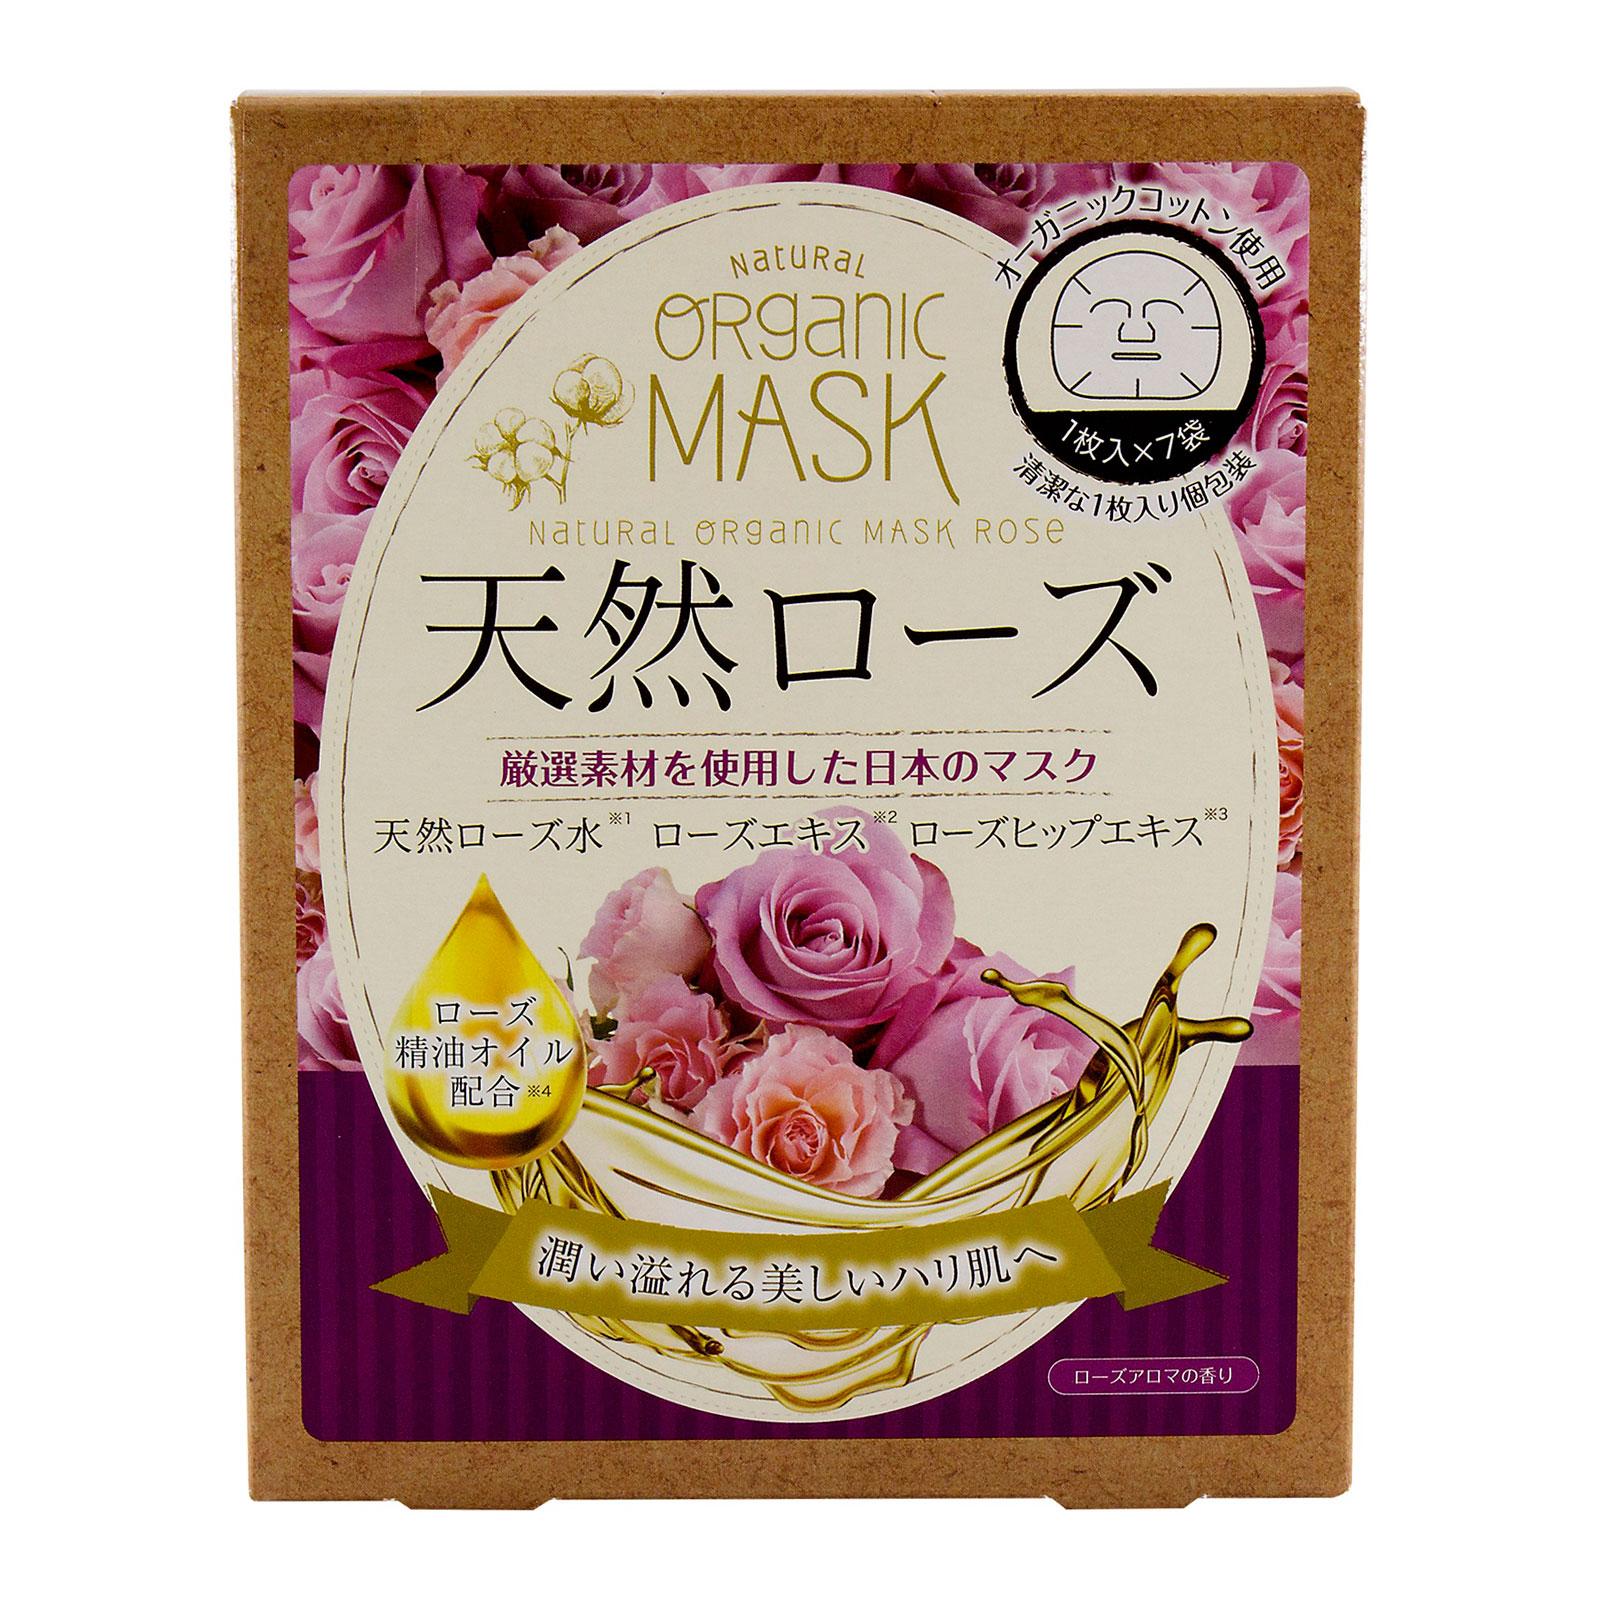 Органическая маска для лица Japan Gals с экстрактом розы 7 шт<br>